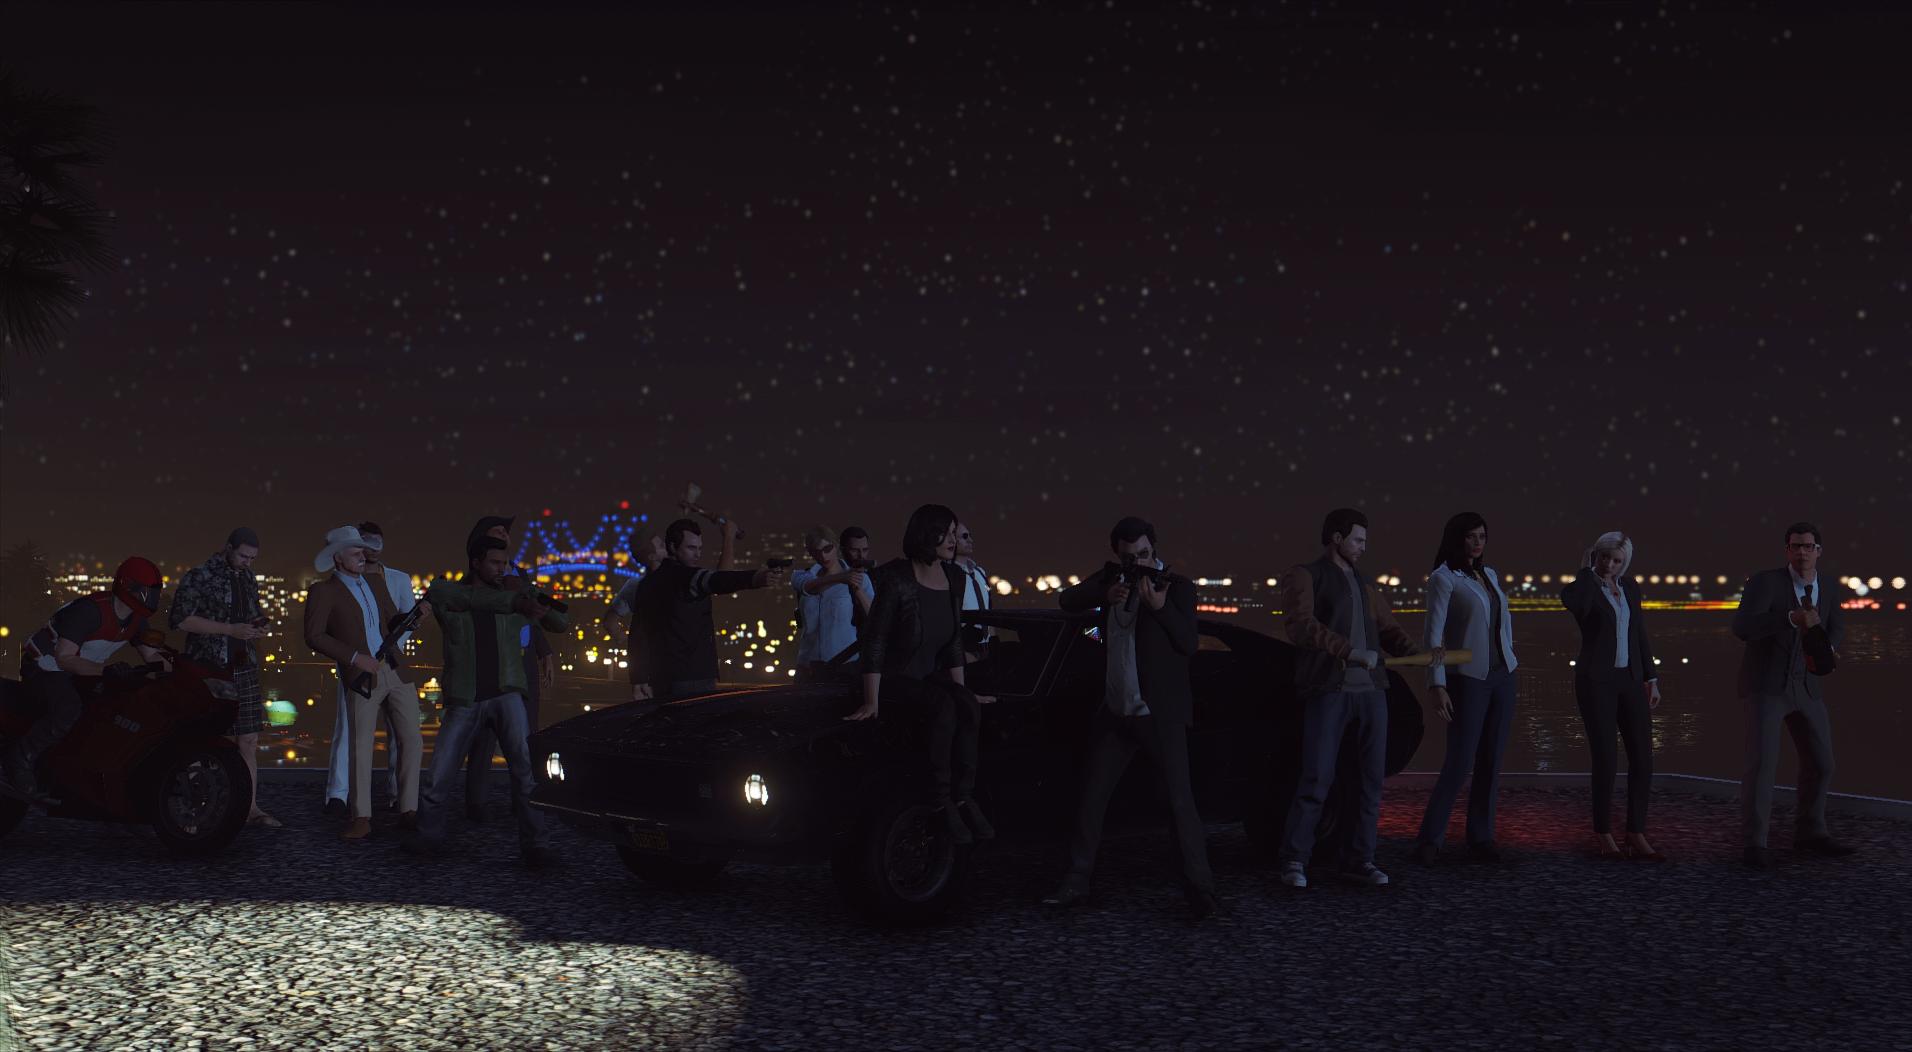 Grand_Theft_Auto_V_Screenshot_2020.09.20